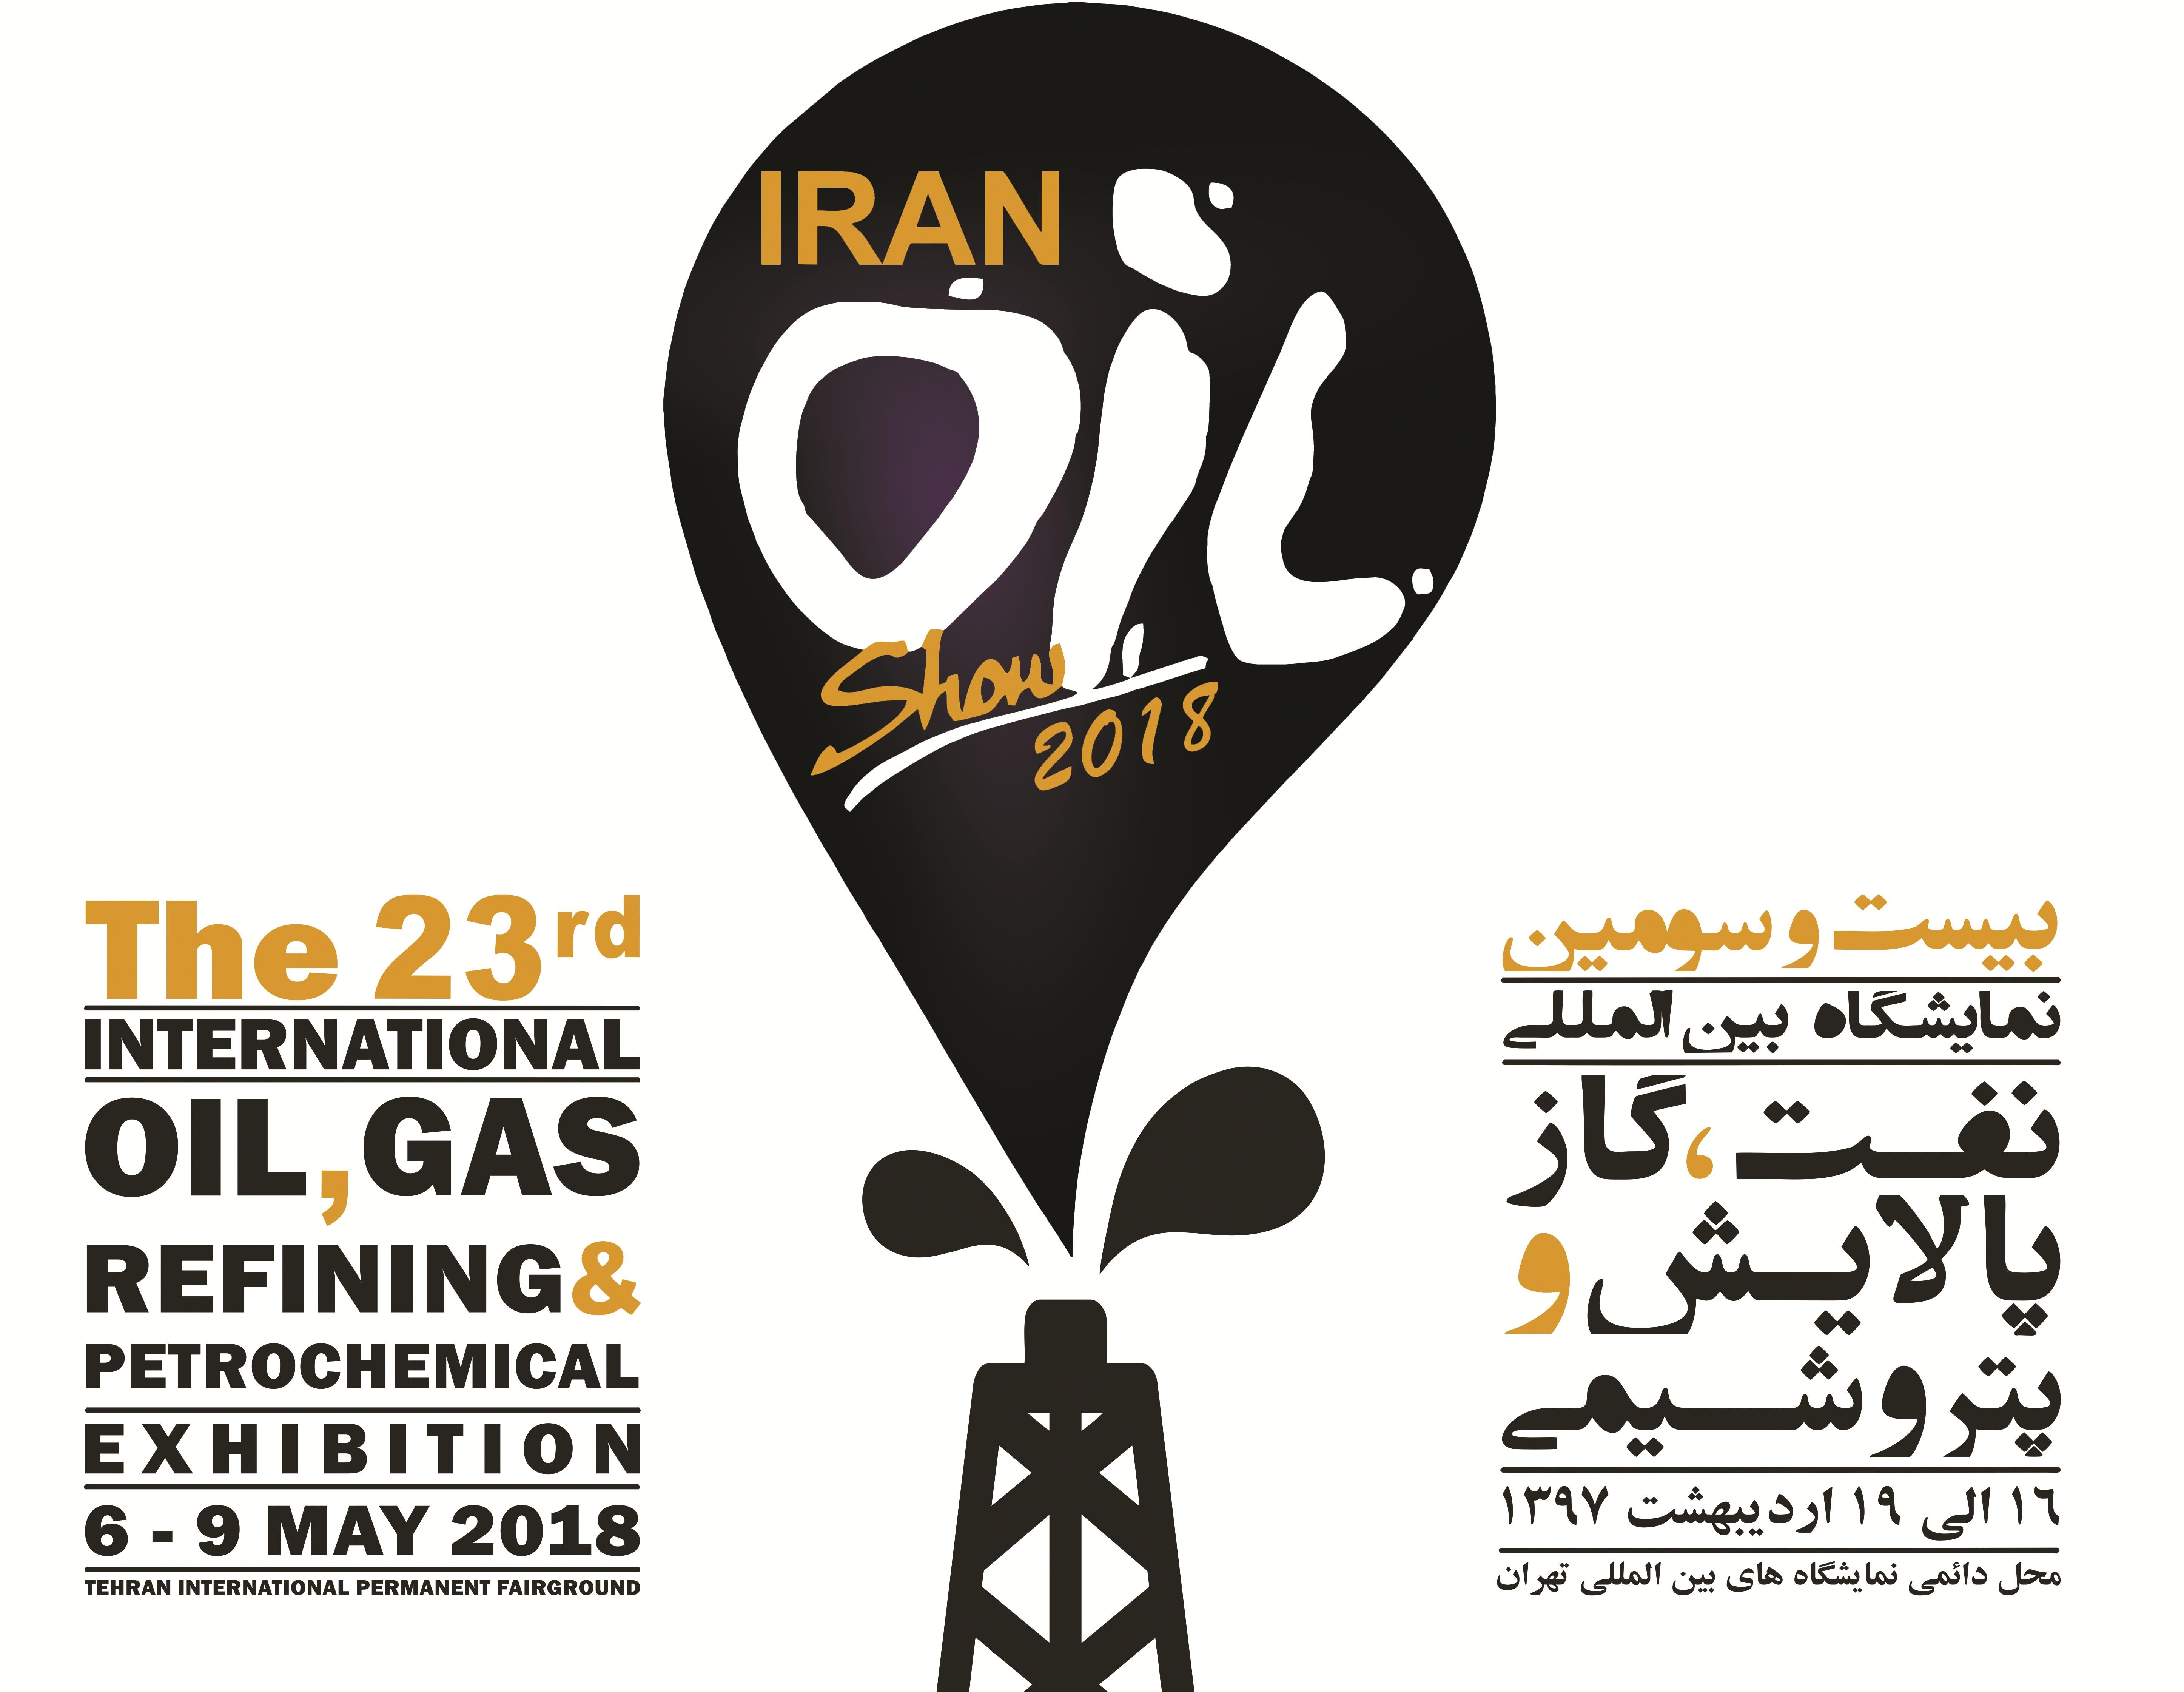 دعوت شرکت تارادیس تابش آزما از همه عزیزان به حضور در بیست و سومین نمایشگاه بین المللی نفت،گاز،پالایش و پتروشیمی